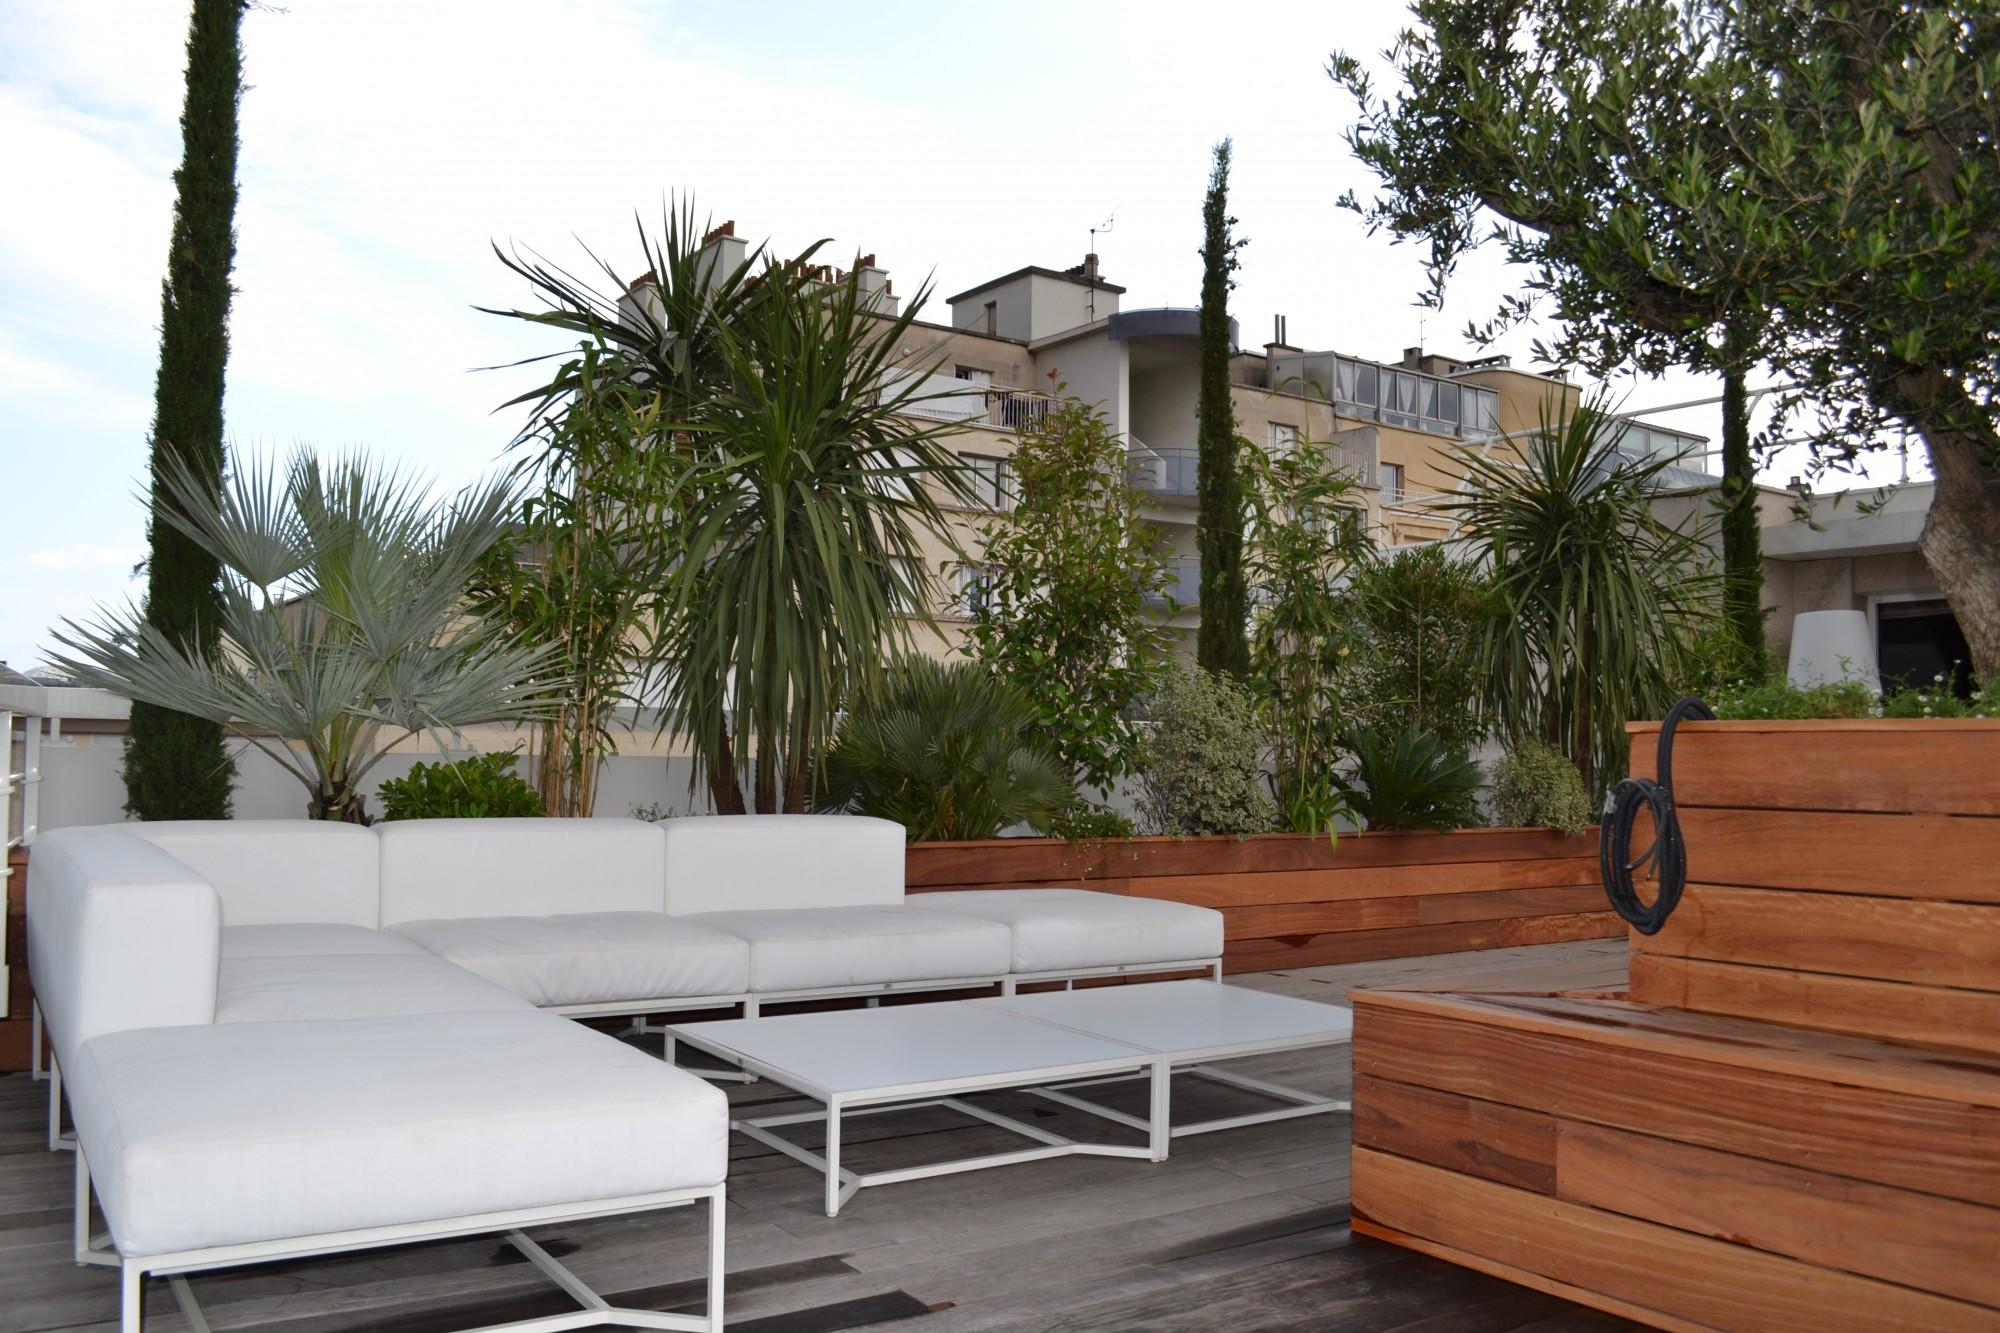 cr ation de jardini res en bois sur un toit terrasse vert tige. Black Bedroom Furniture Sets. Home Design Ideas